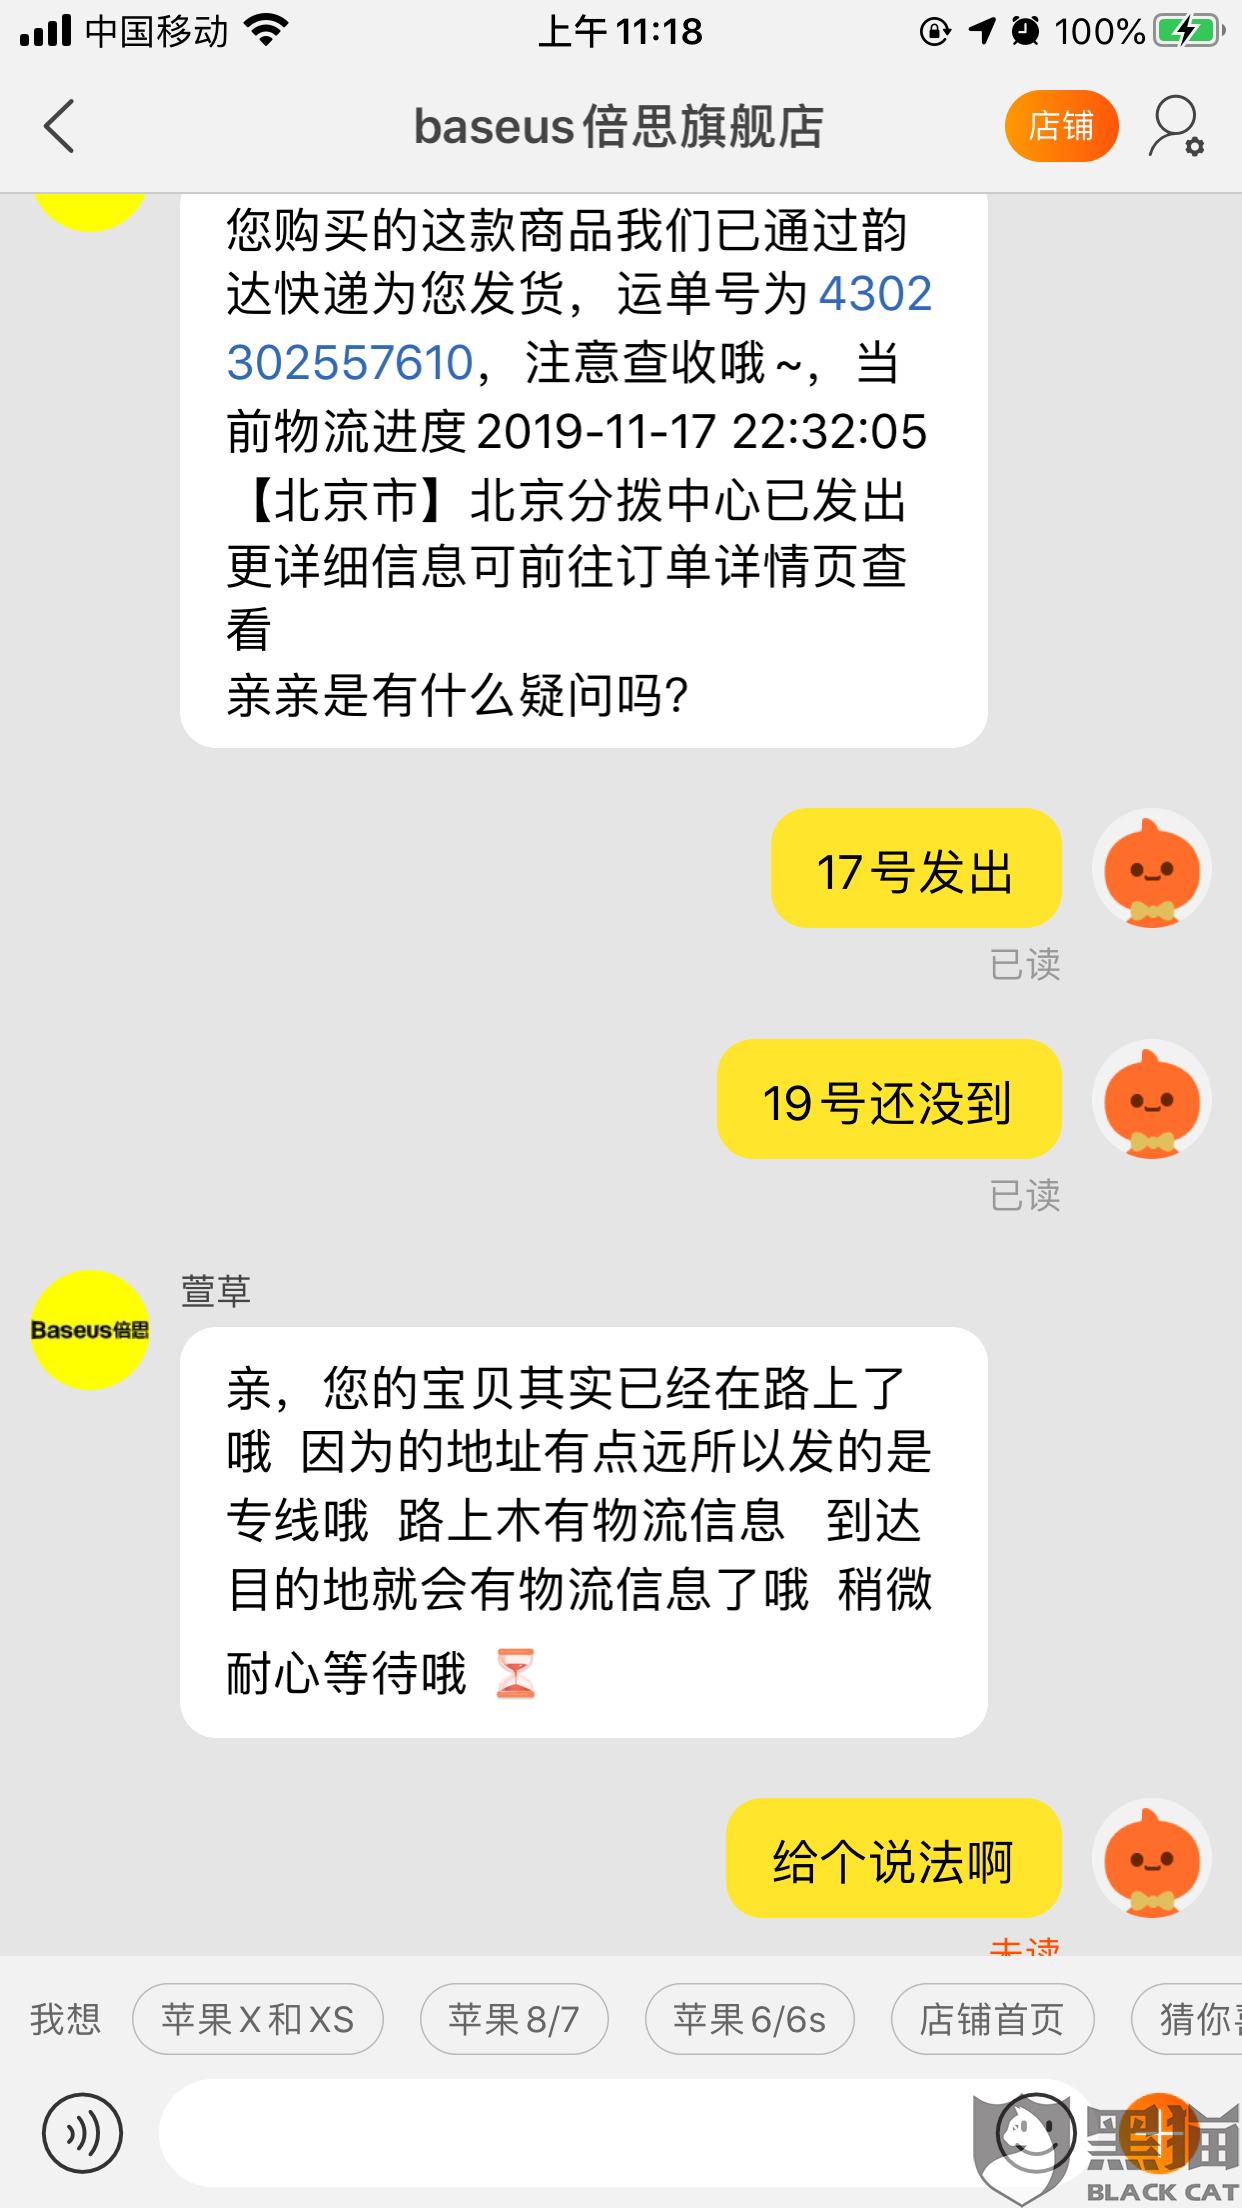 黑猫投诉:卖家商品承诺次日达,结果物流显示北京发出两天没有更新